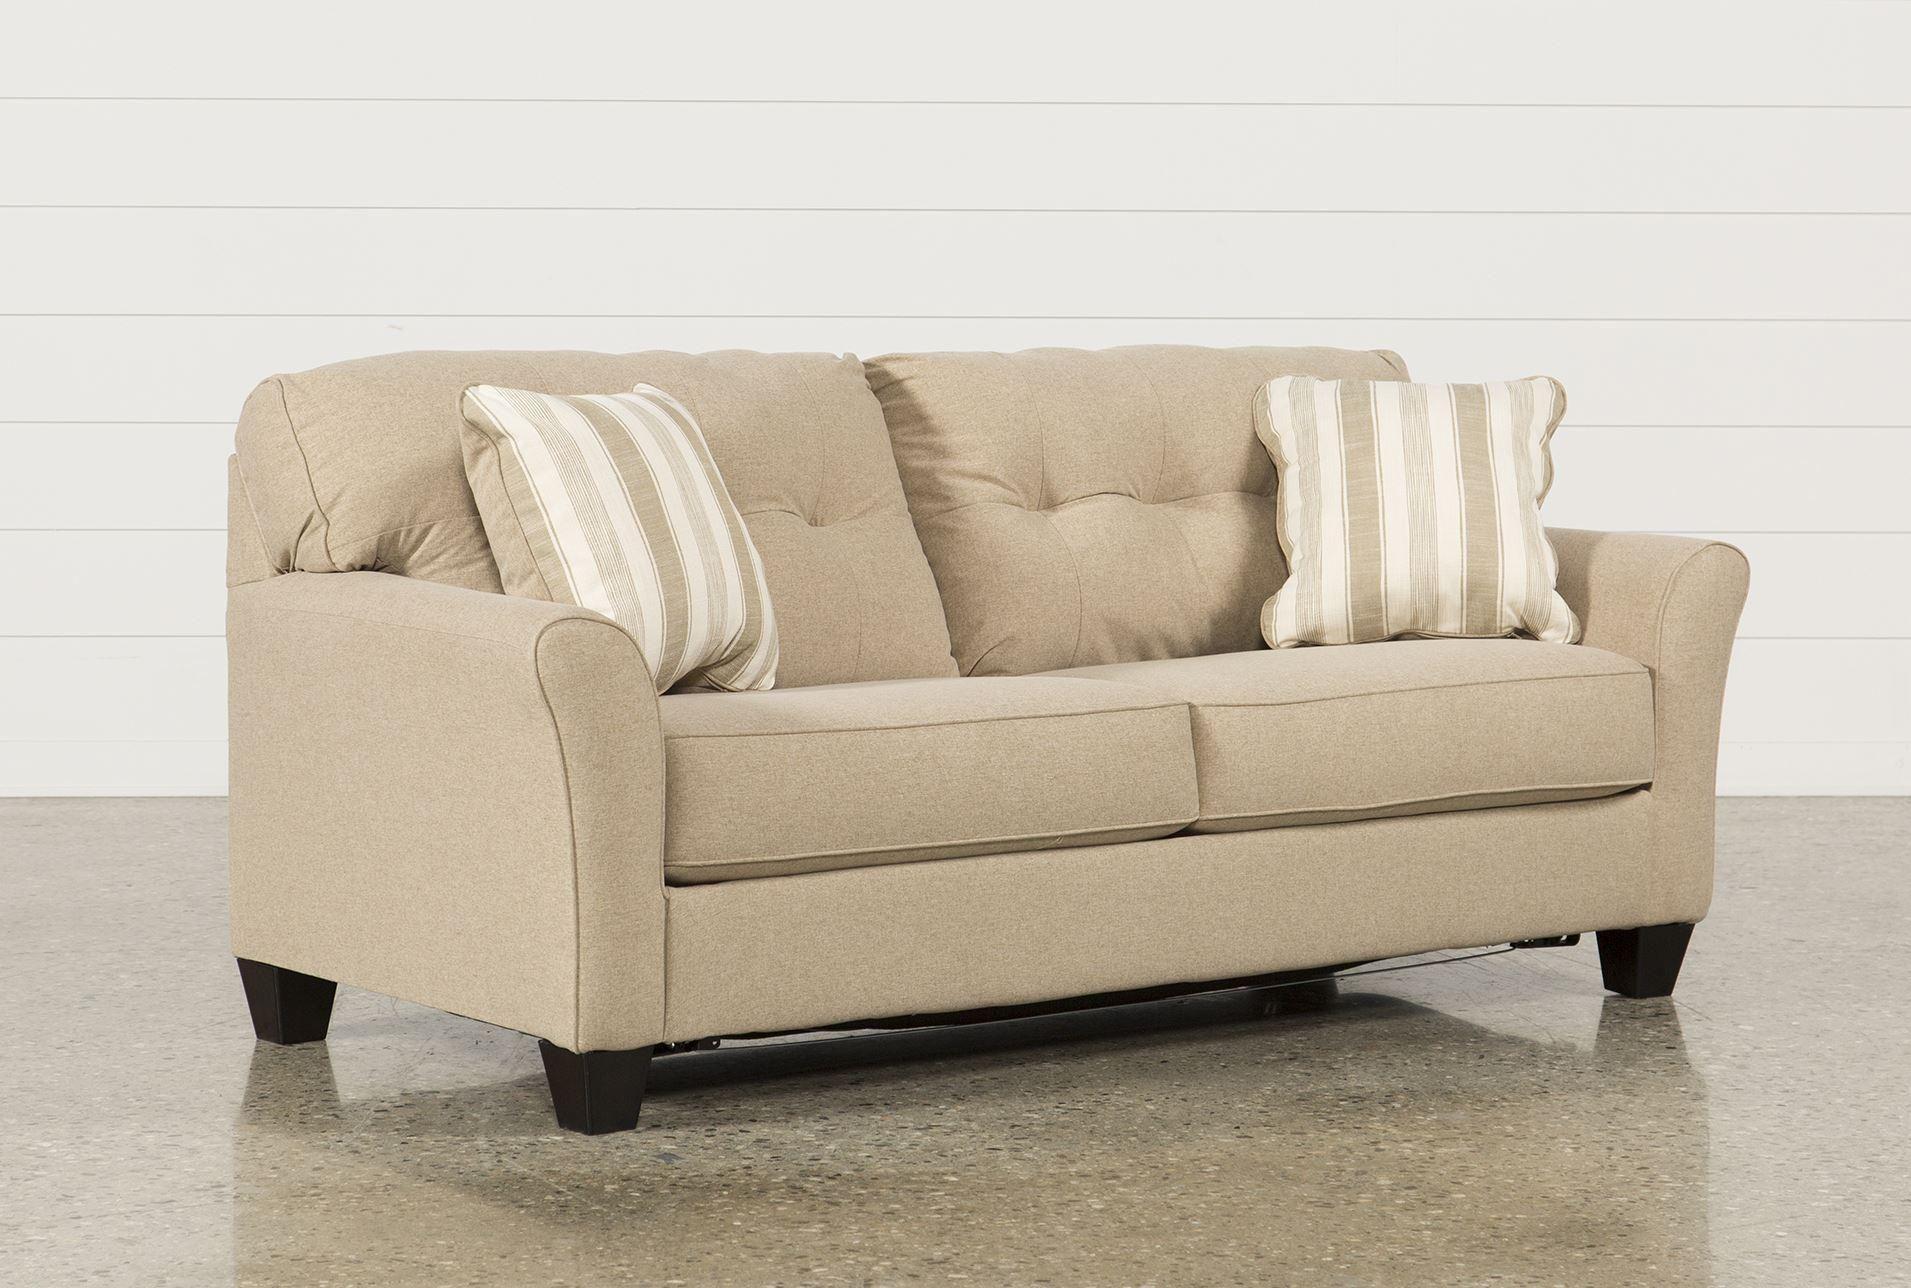 Best Laryn Khaki Queen Sofa Sleeper Sectional Sleeper Sofa 400 x 300